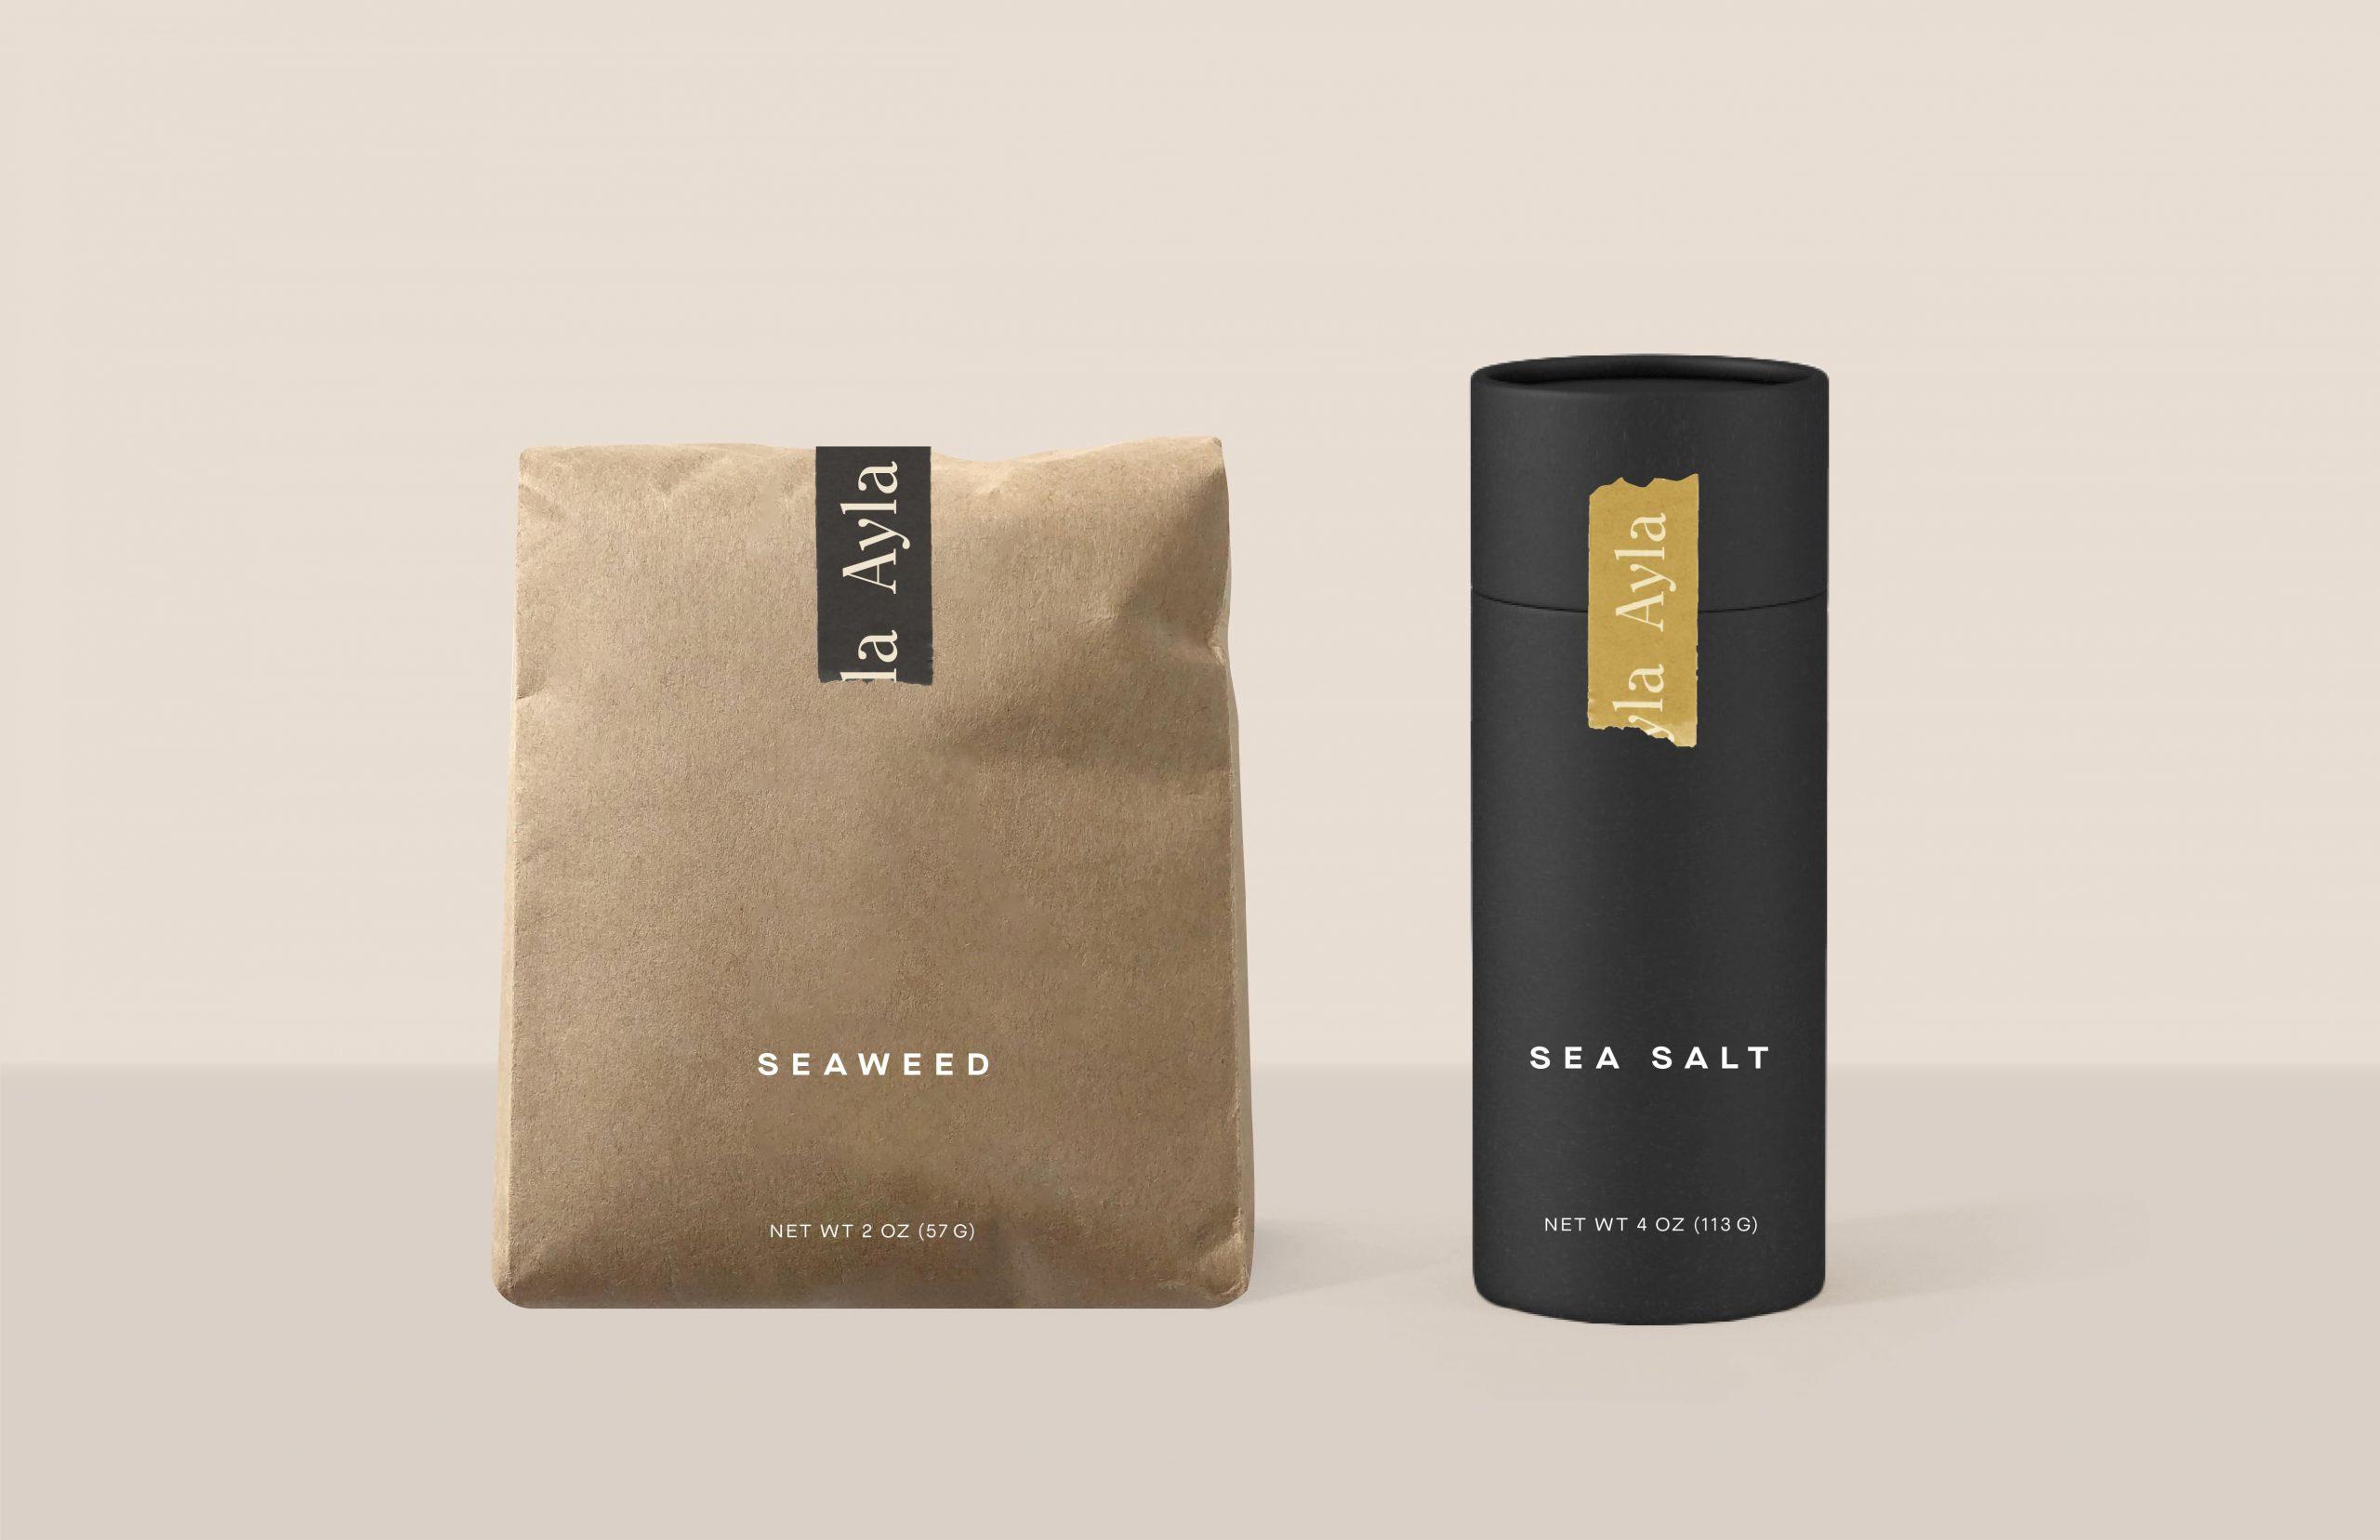 ayla packaging seaweed sea salt